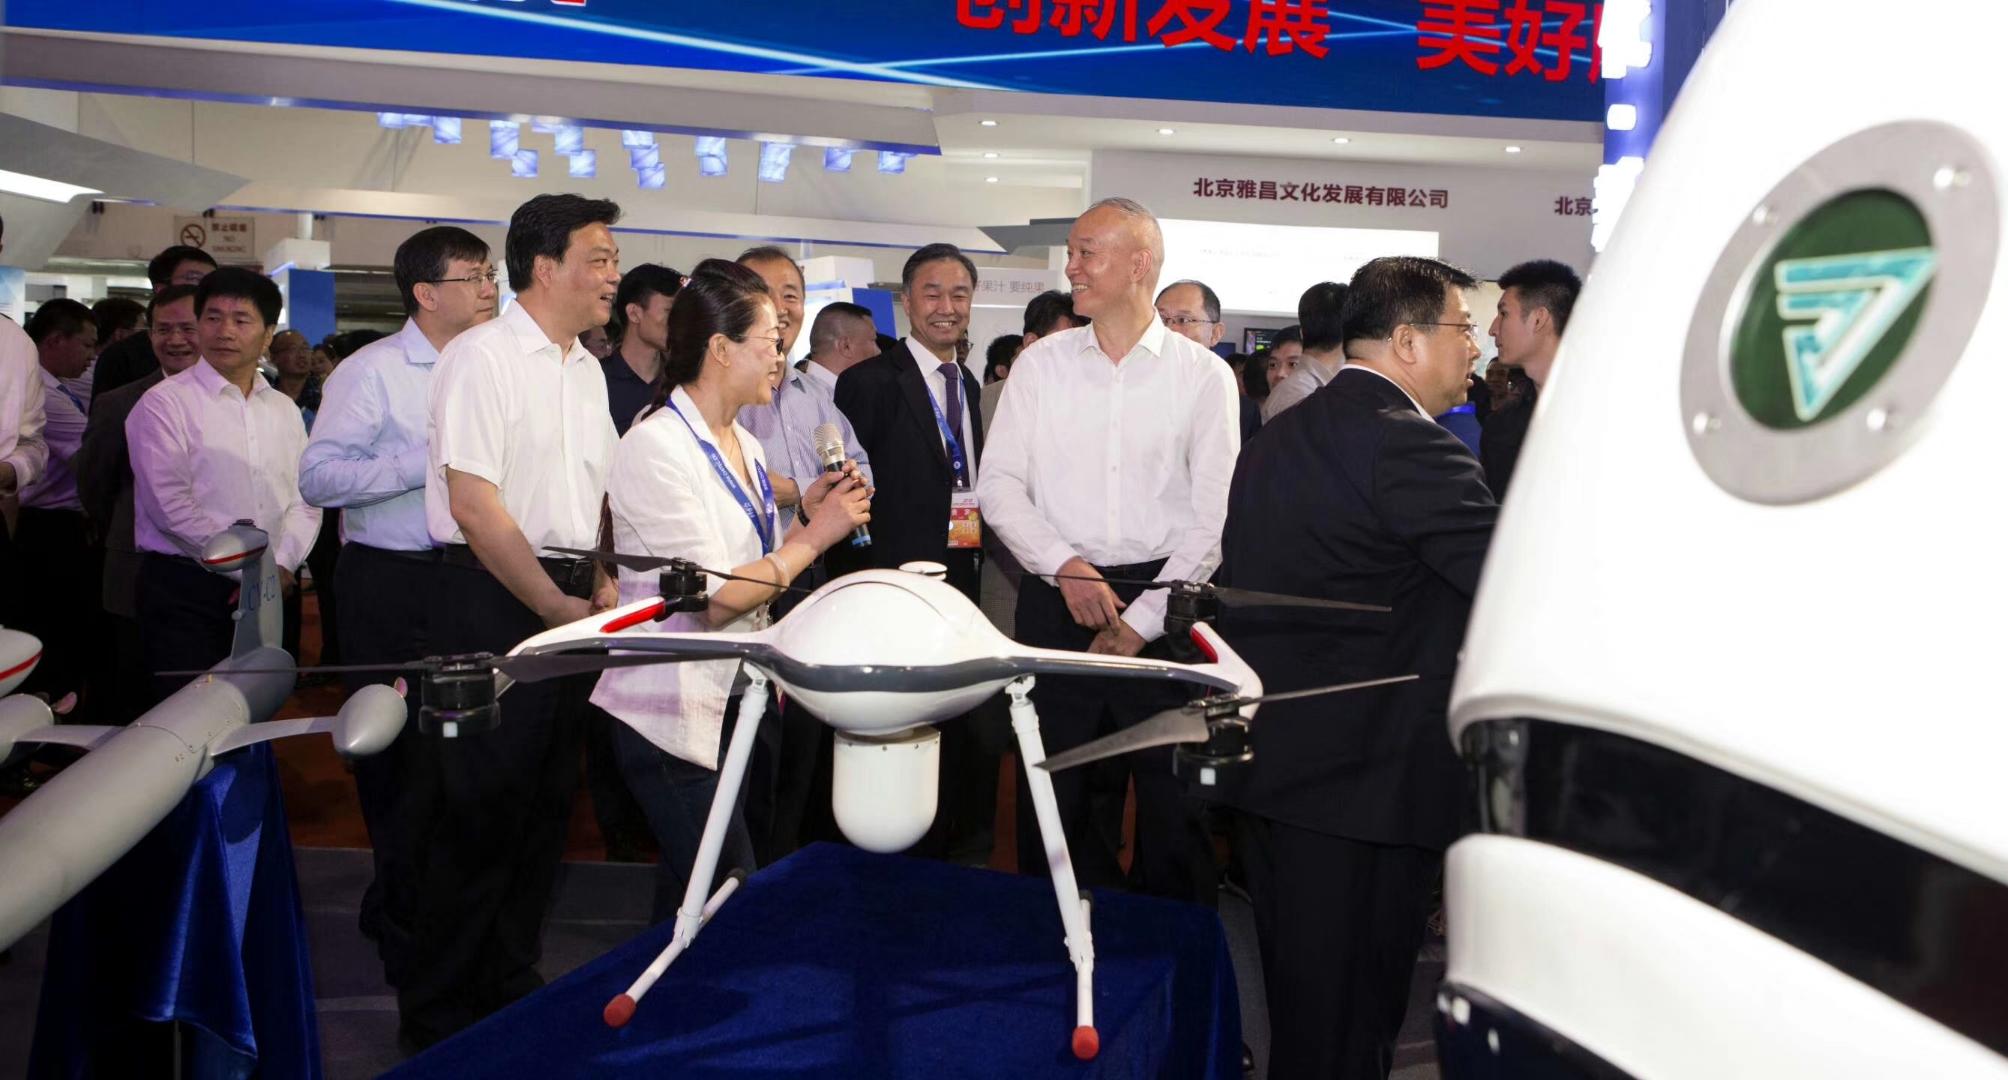 第二十一届中国北京国际科技产业博览会